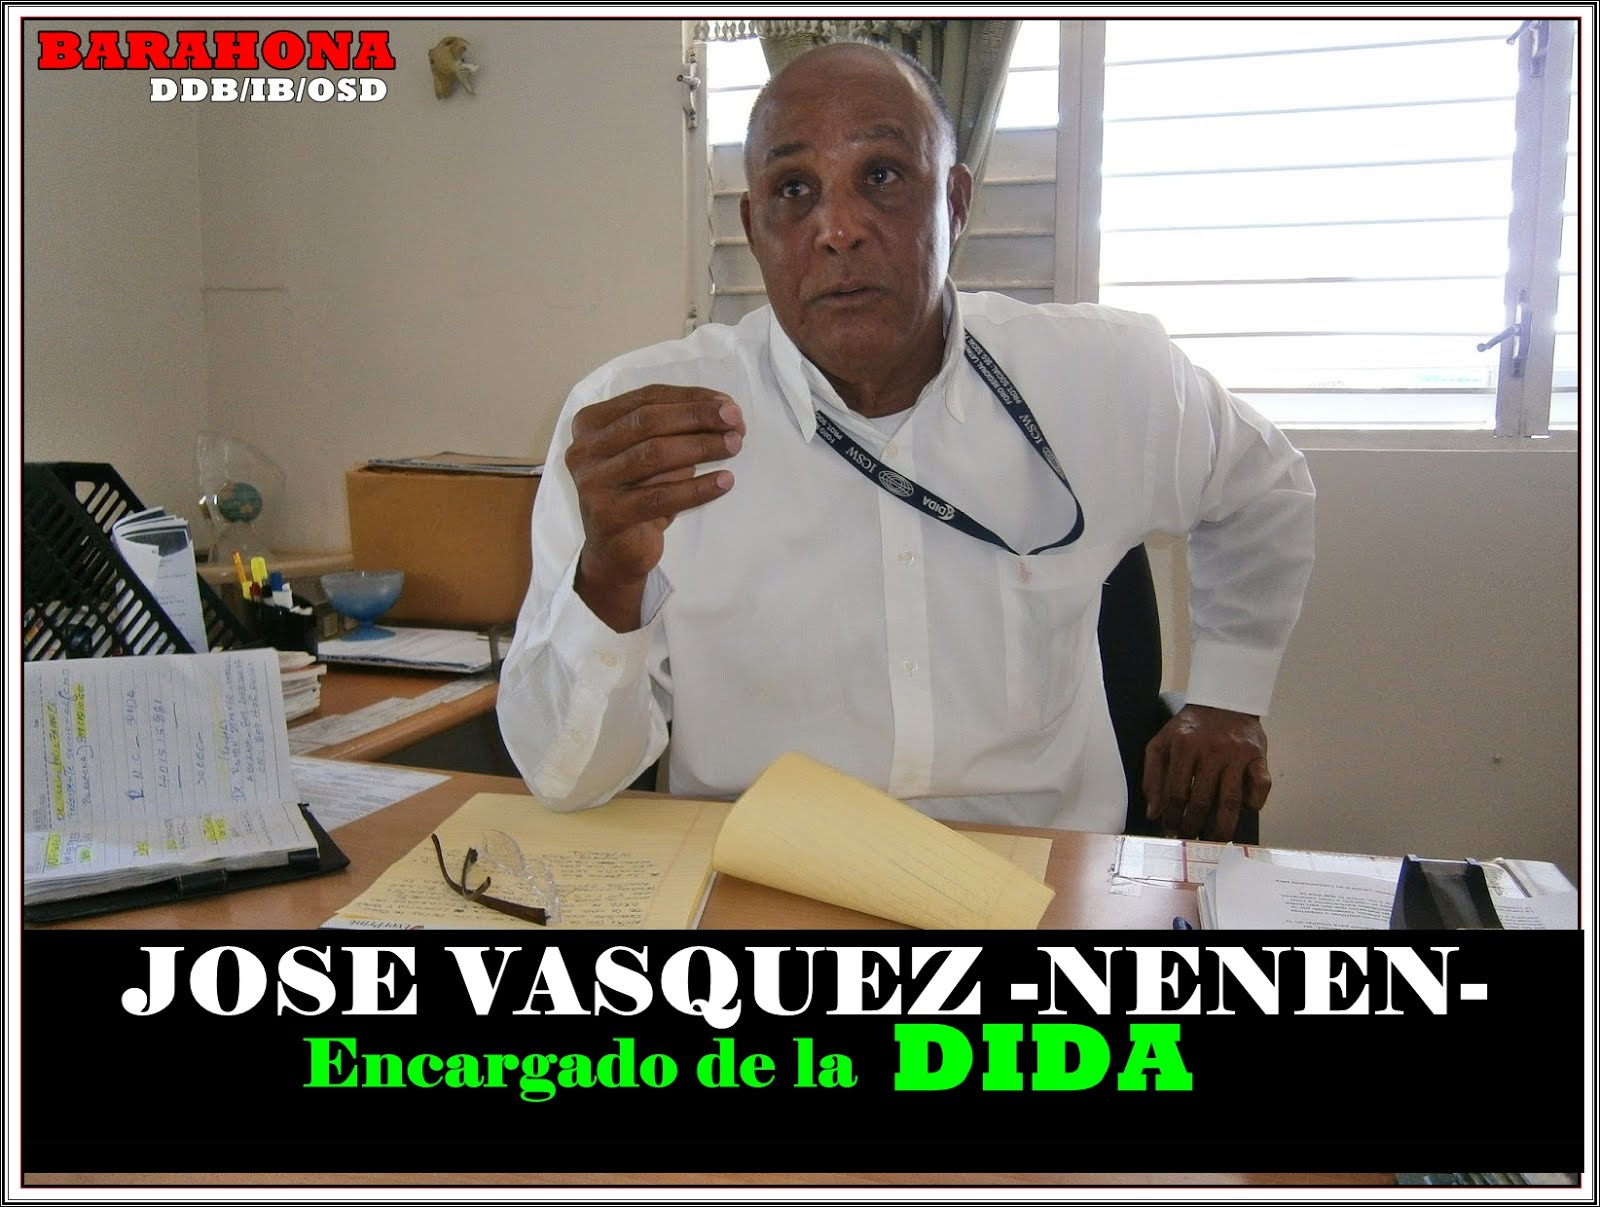 JOSE VASQUEZ -NENEN-, ENCARGADO DE LA DIDA EN BARAHONA